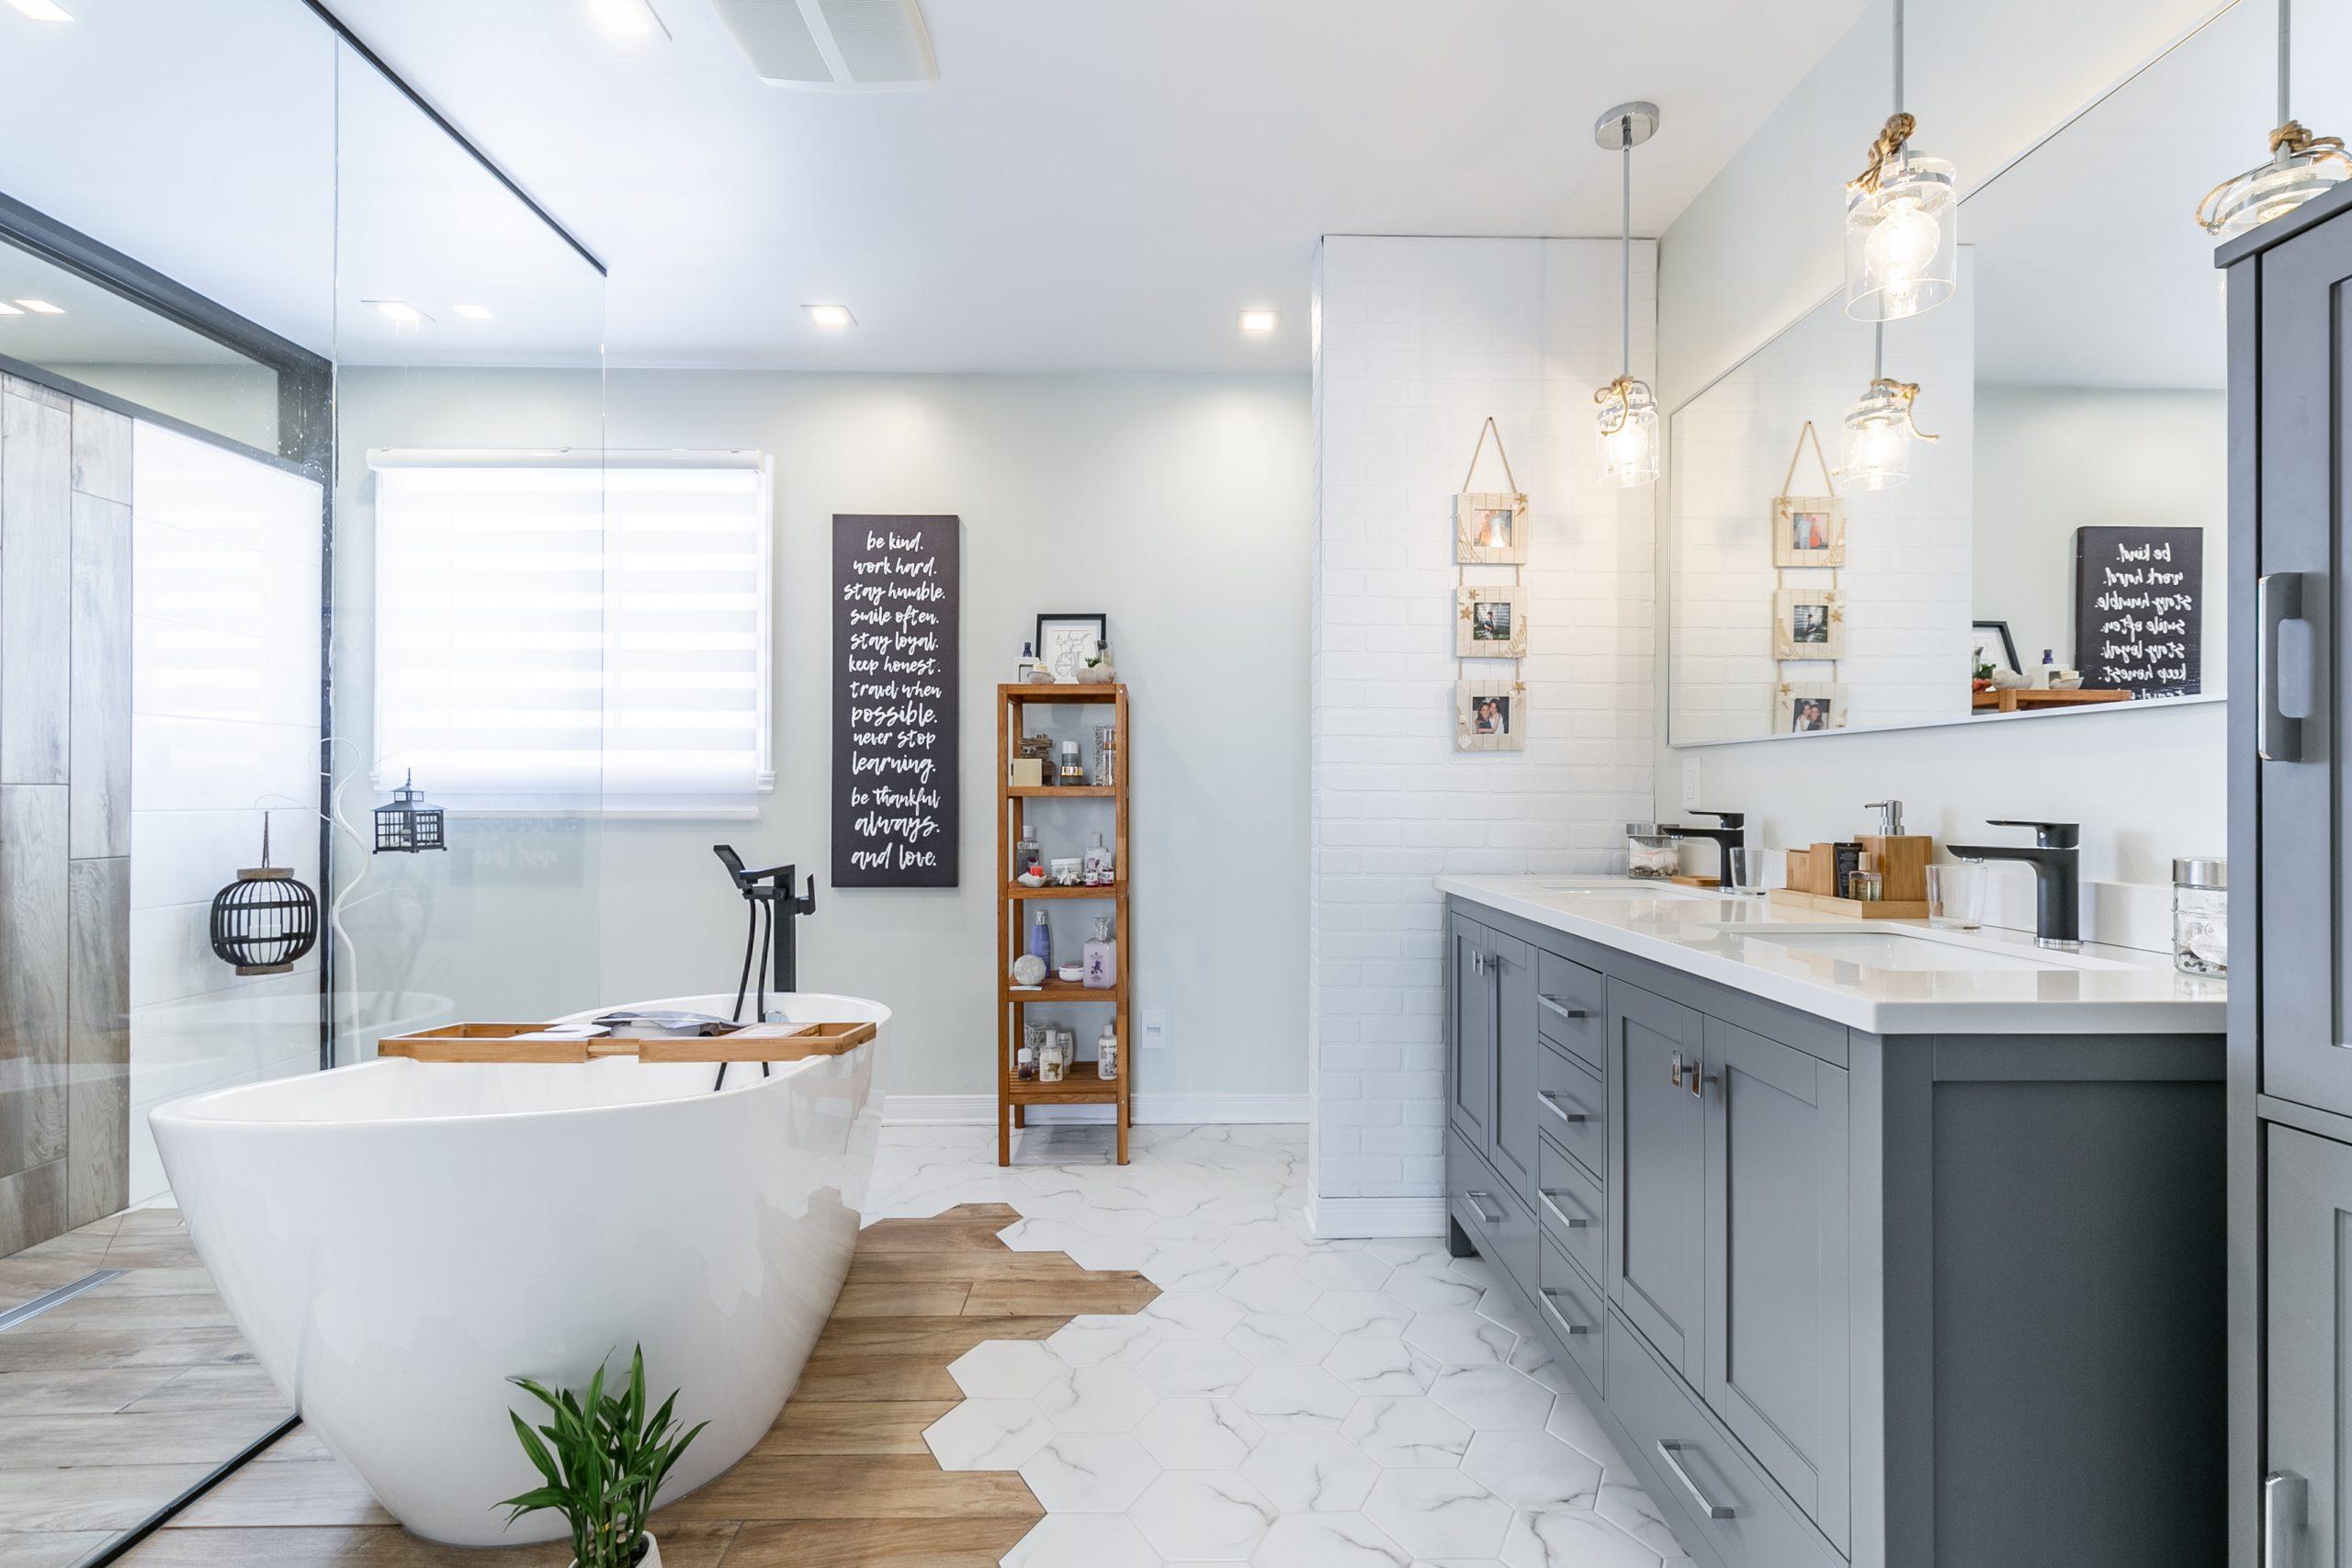 Une salle de bain avec une double vanité grise, une grande baignoire autoportante et des luminaires suspendues.